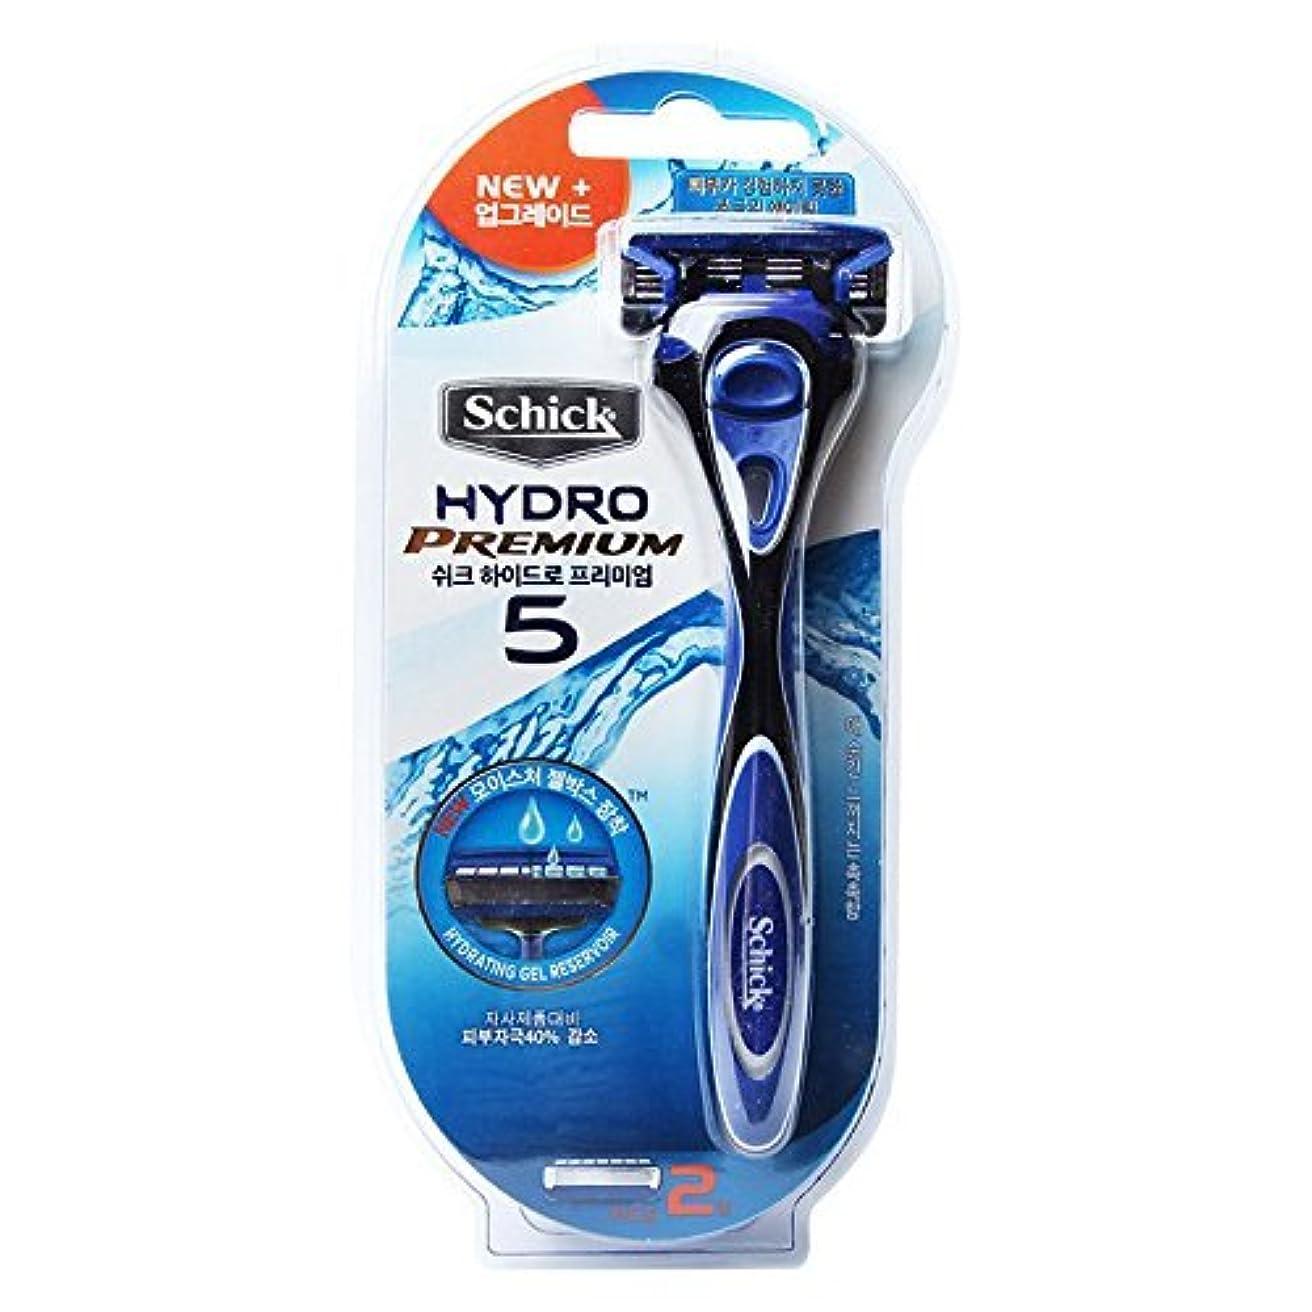 彼らのワゴンレンジSchick Hydro 5 Premium トリマーで男性と2カミソリ詰め替え用カミソリ [並行輸入品]